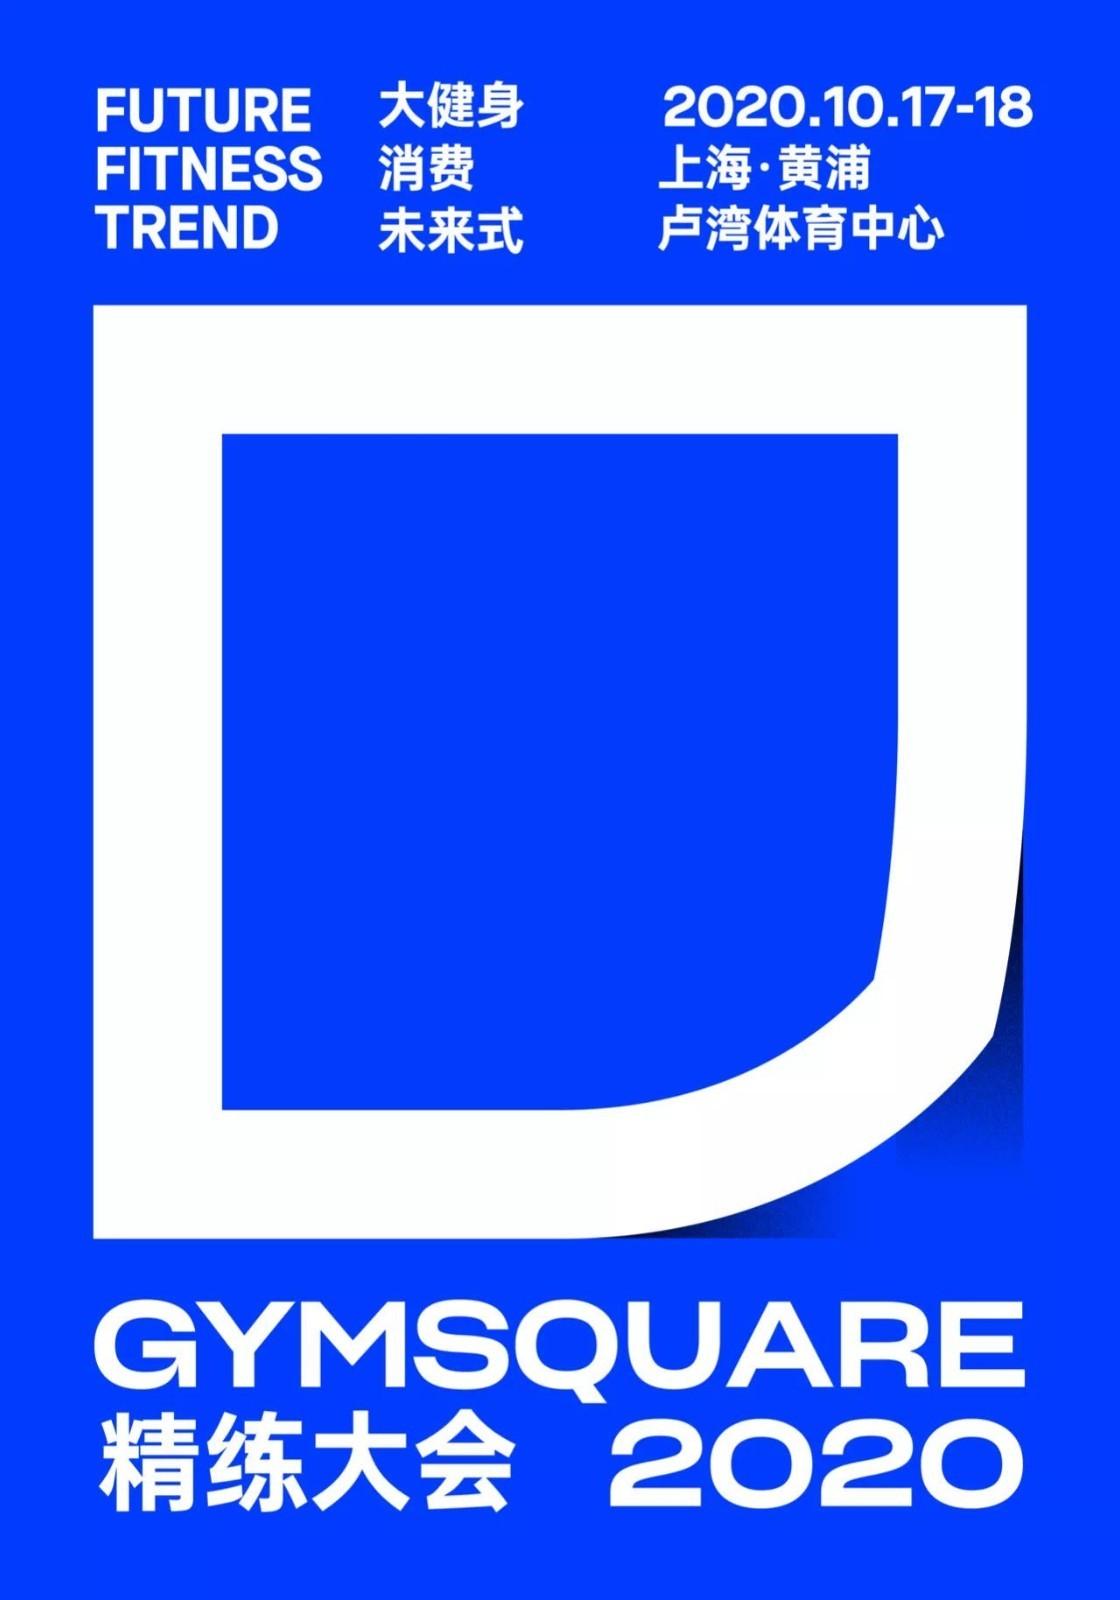 10月17-18日,GYMSQUARE精练大会2020|大健身消费未来式